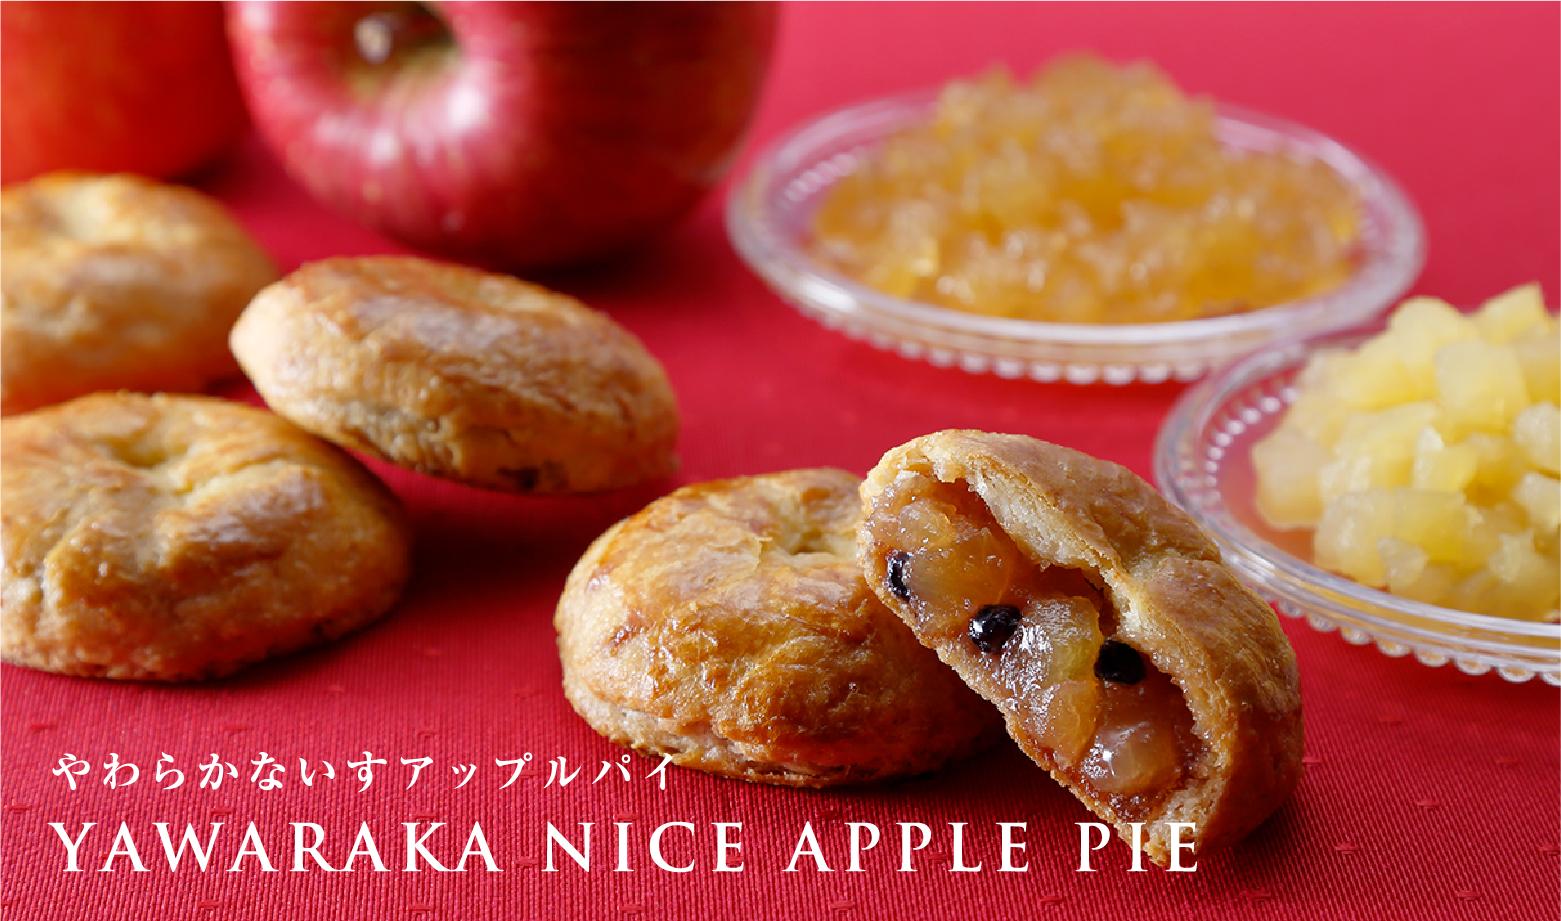 やわらかないすアップルパイ